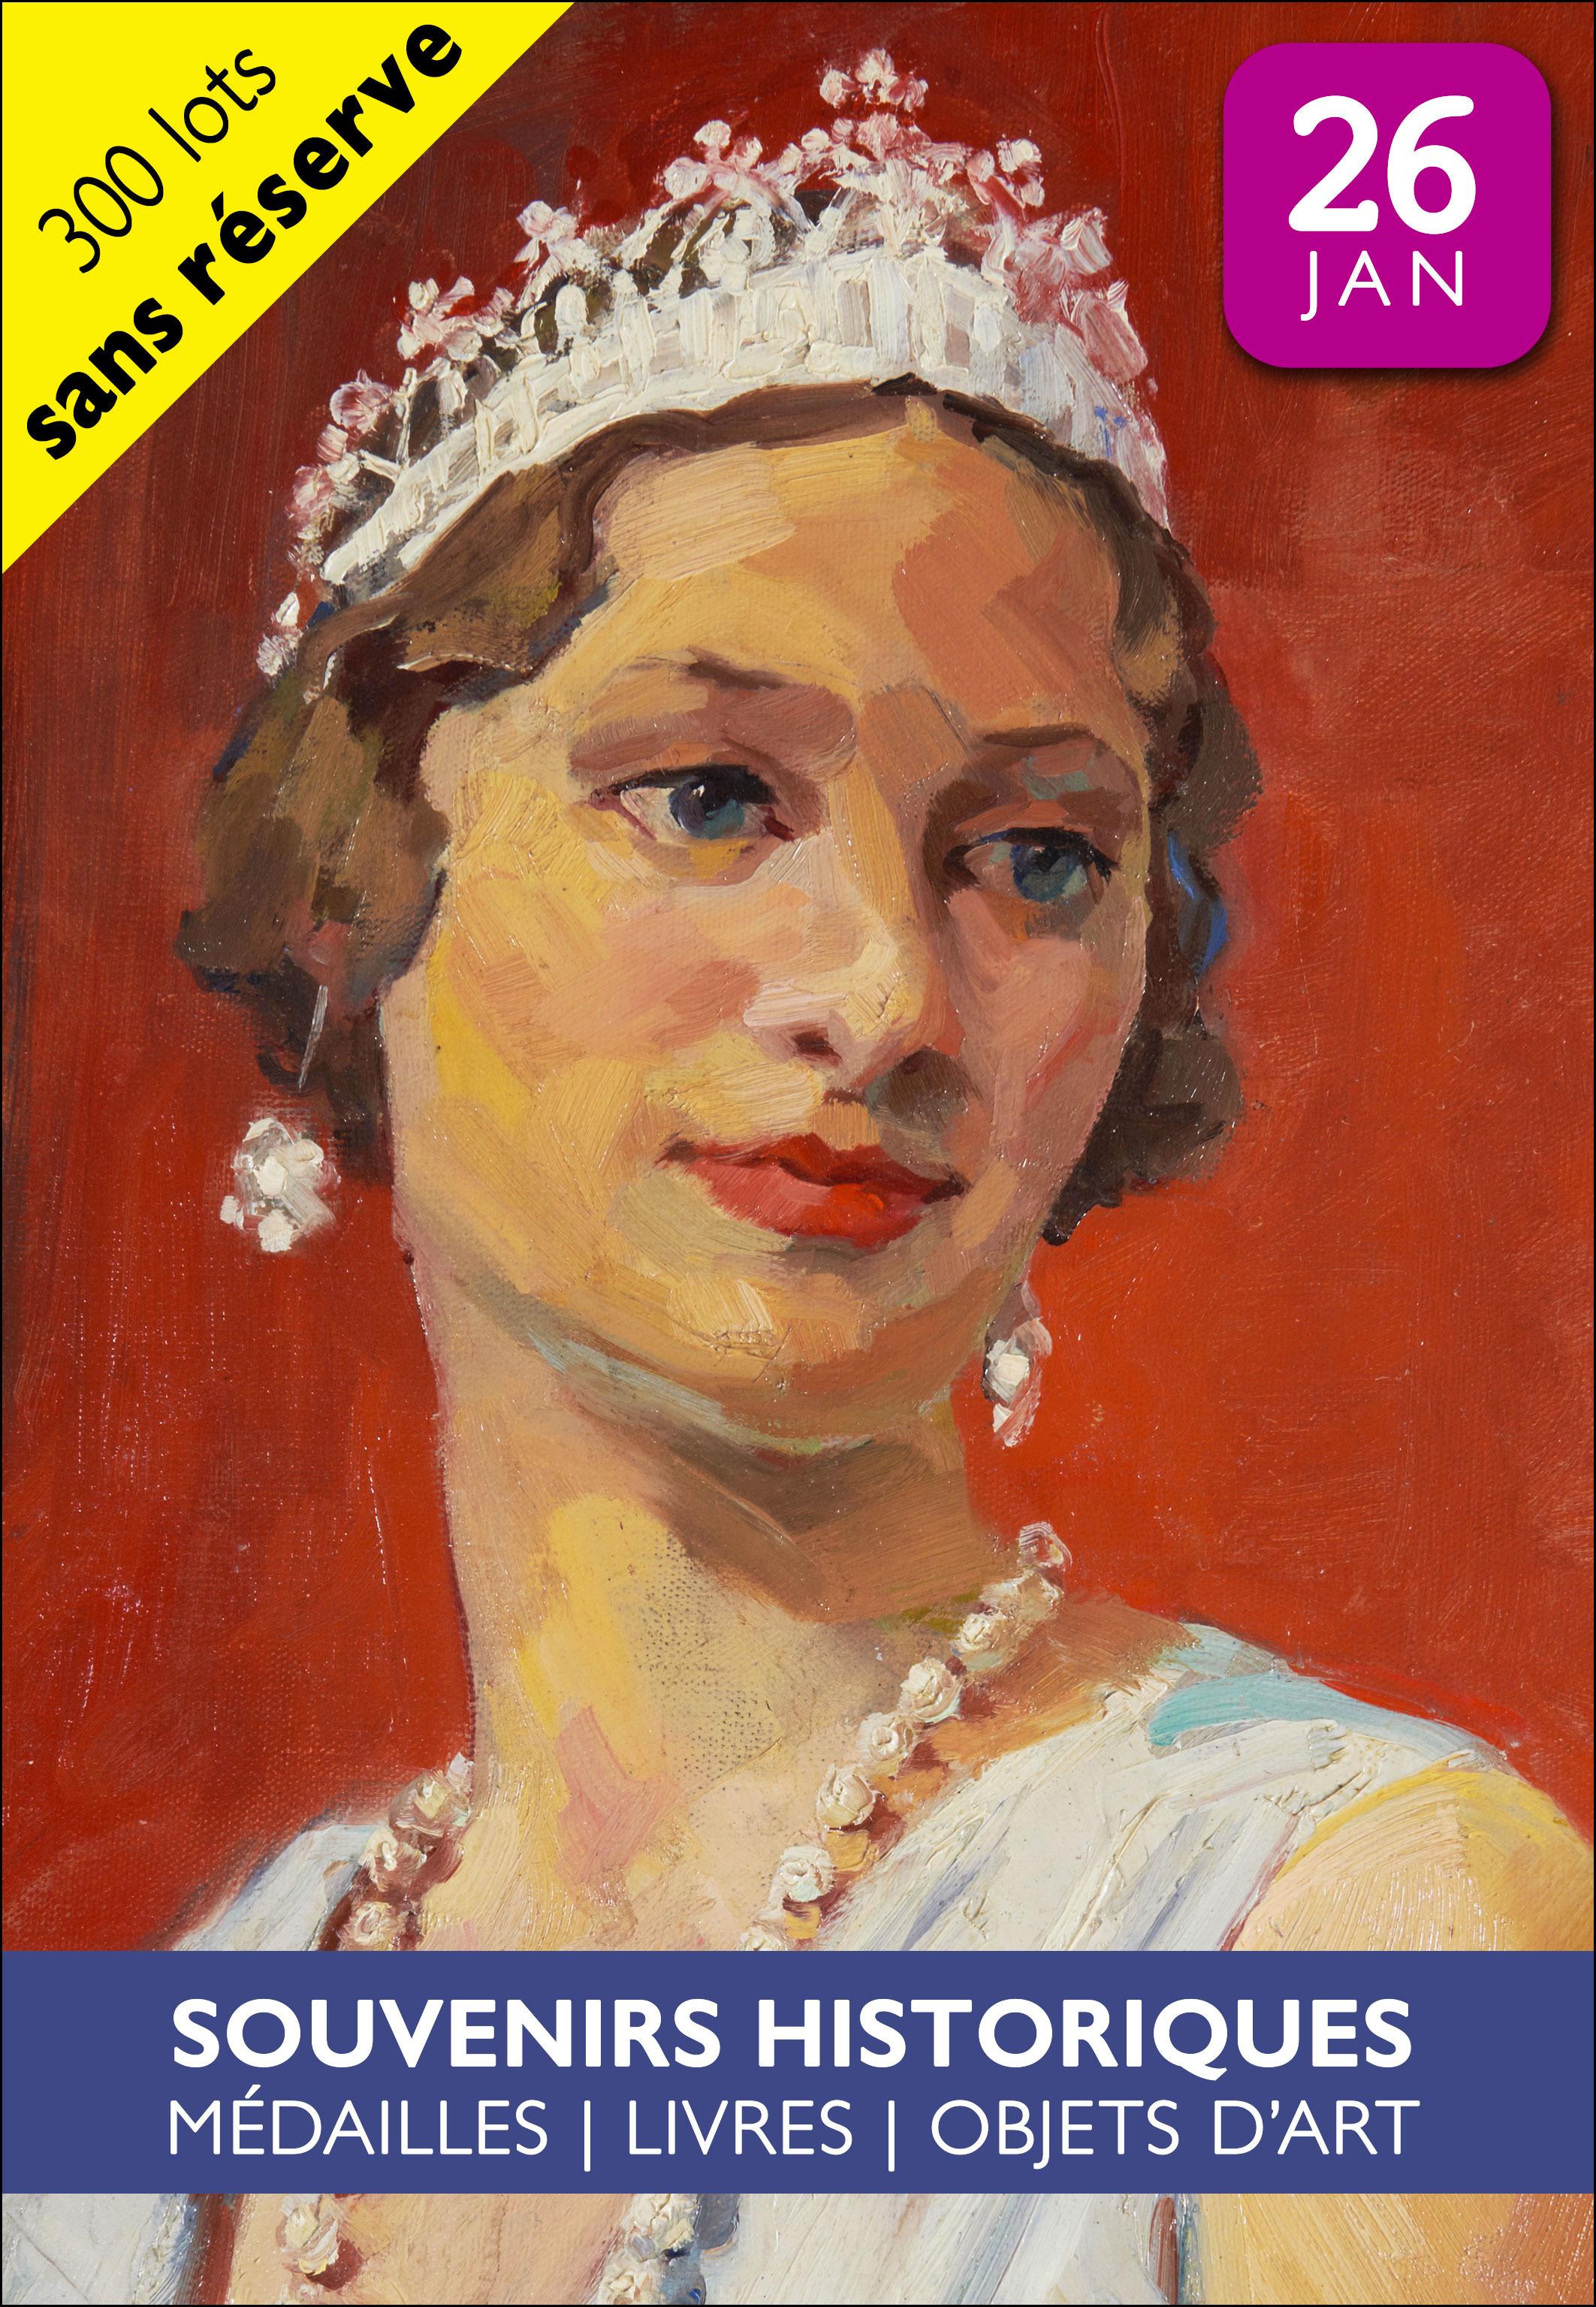 Vente Souvenirs Historiques - Royauté - Médailles - Livres et Objets d'Art  chez Estim Nation : 368 lots